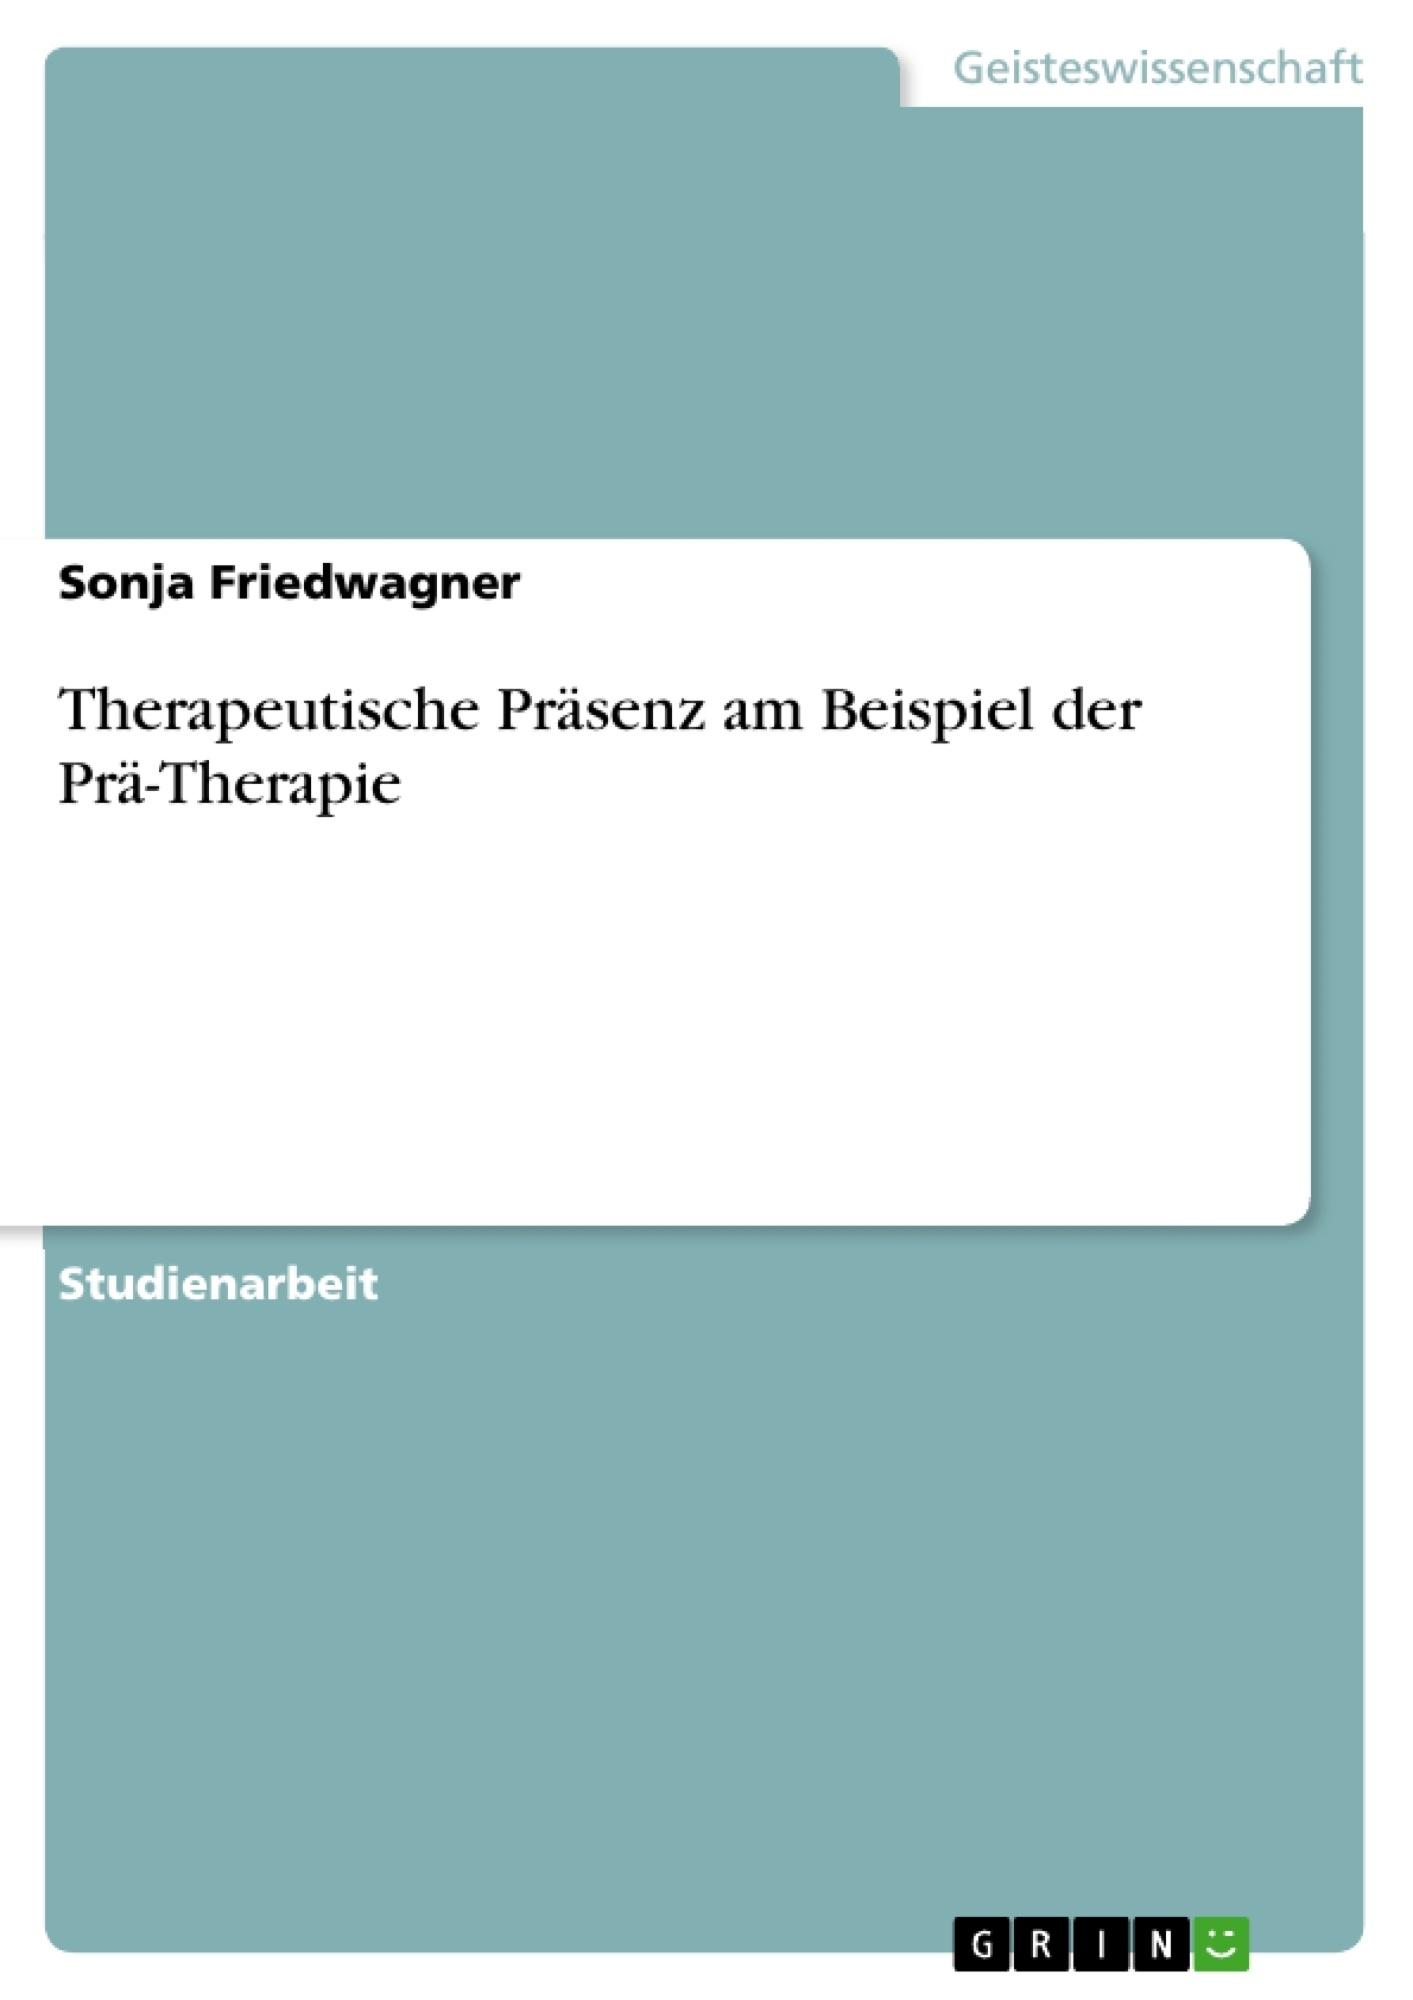 Titel: Therapeutische Präsenz am Beispiel der Prä-Therapie